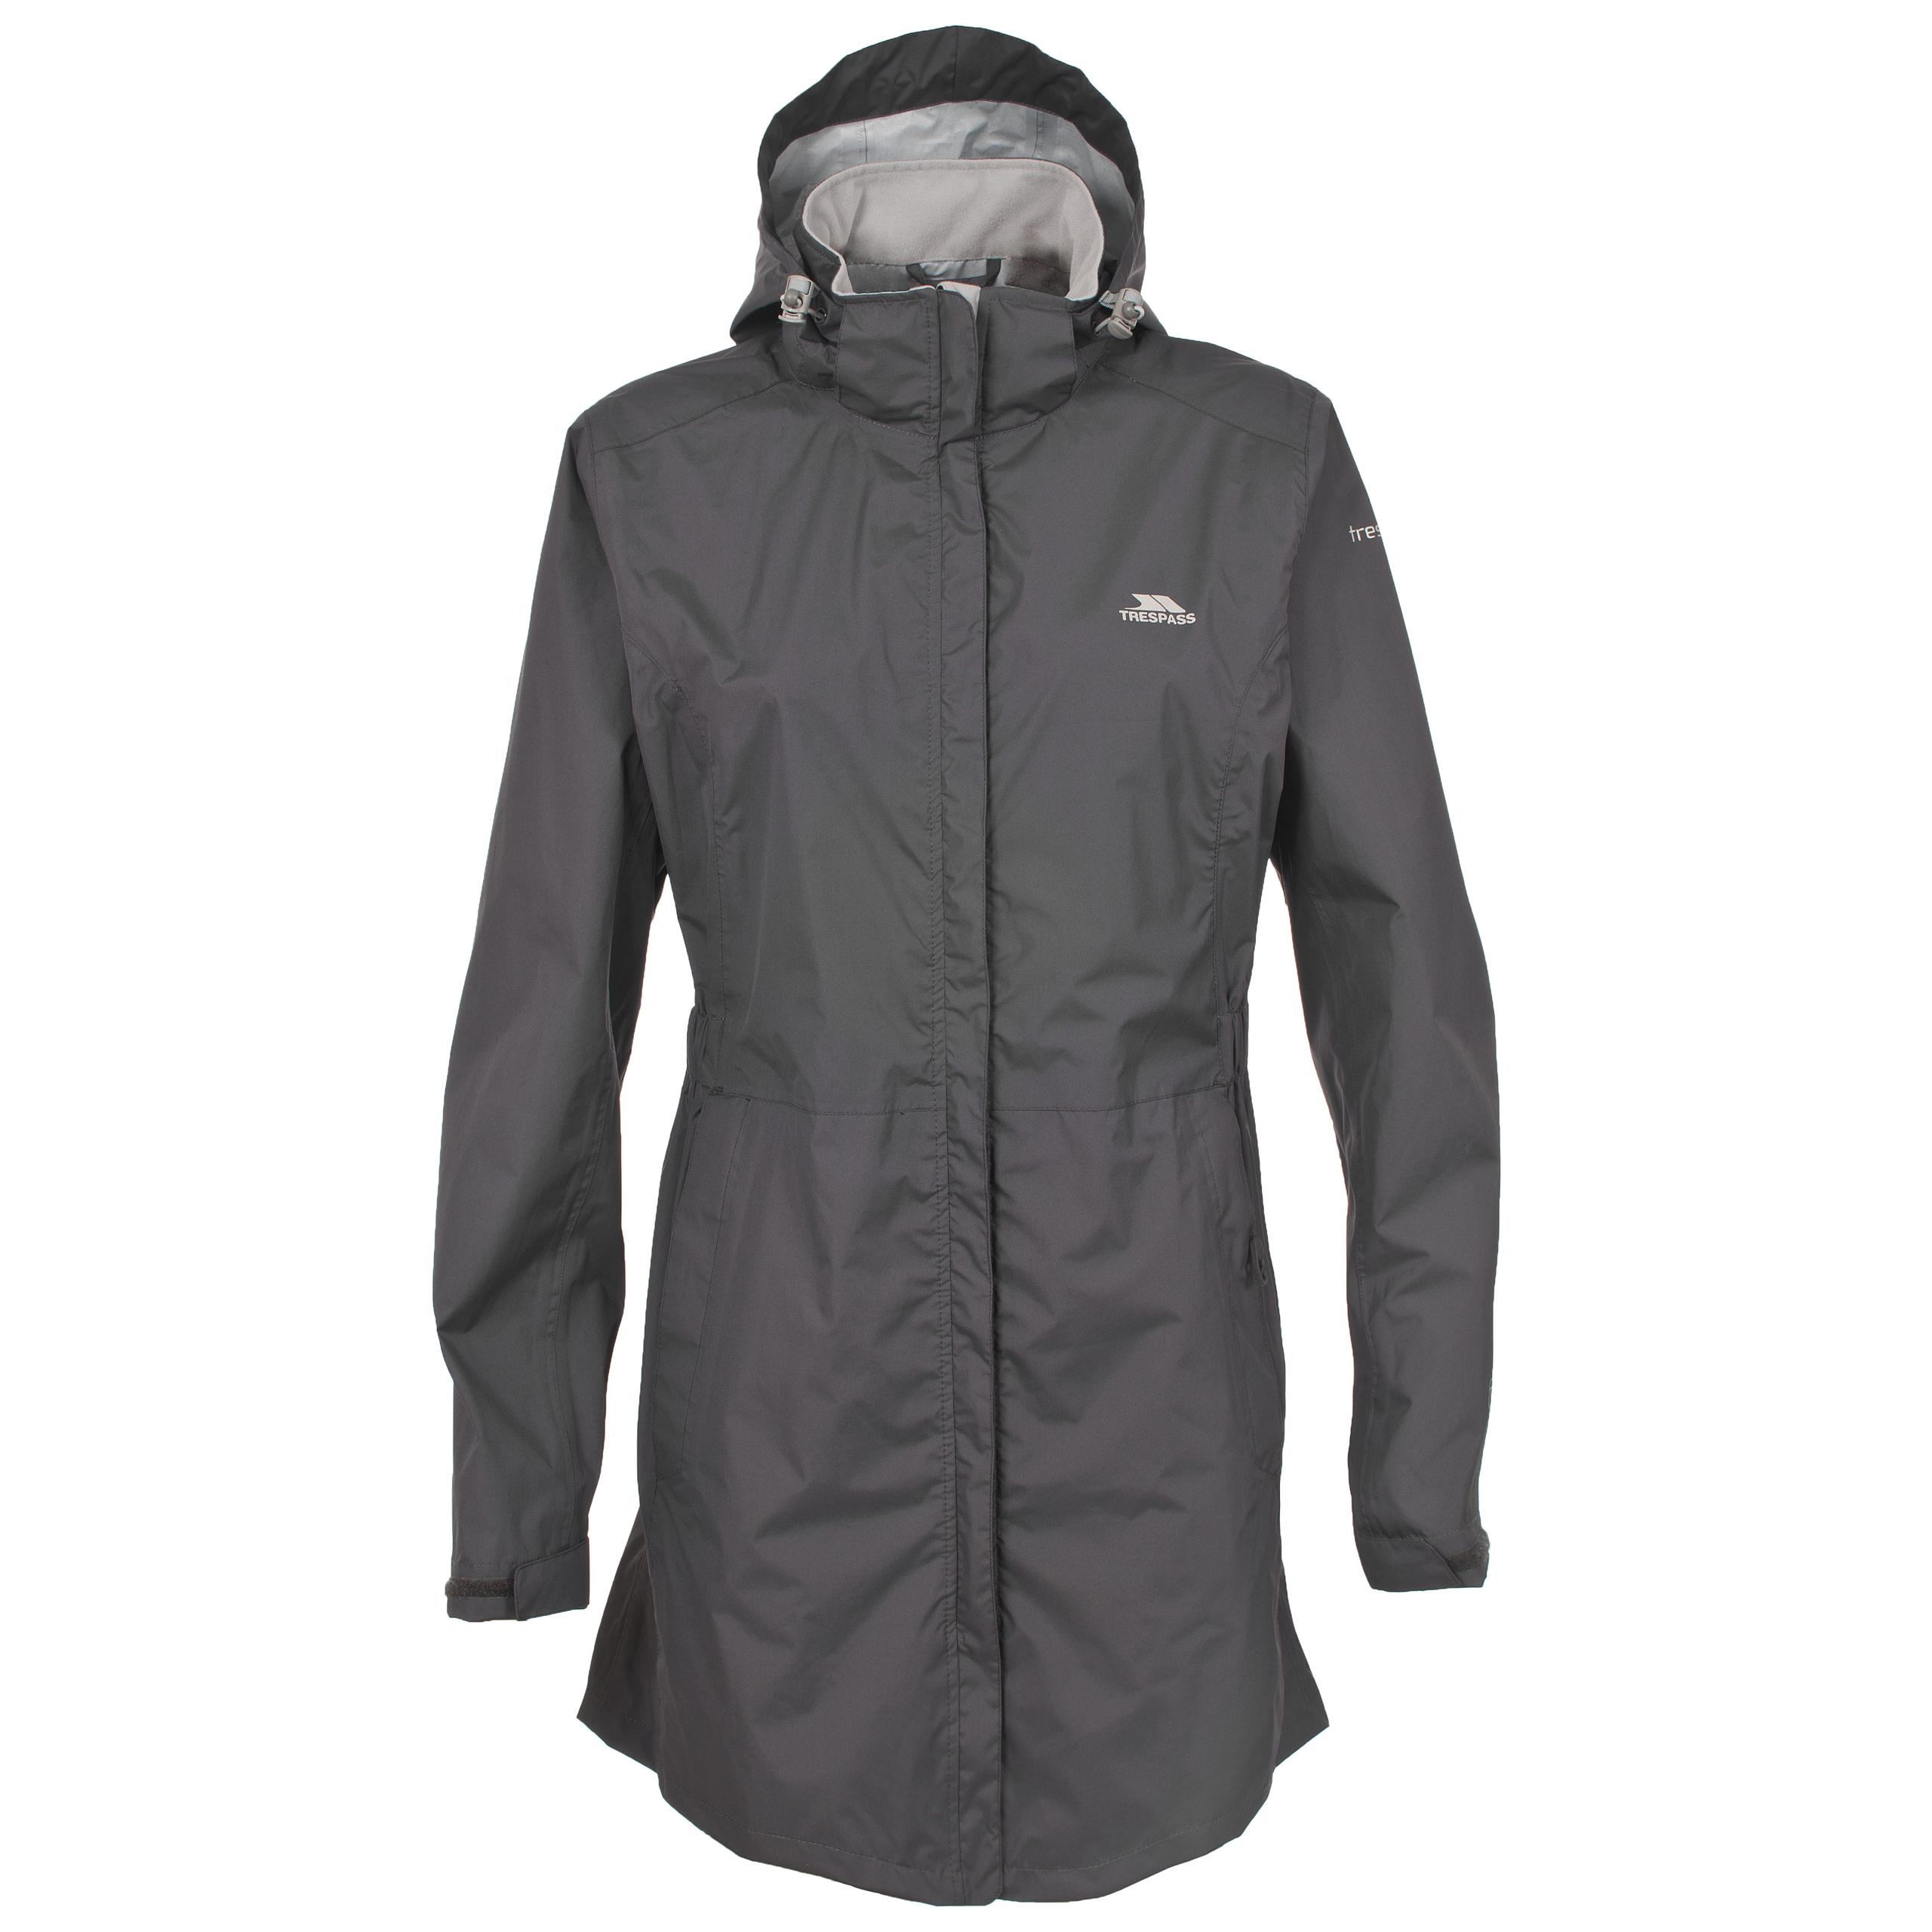 Waterproof Womens Jackets Uk